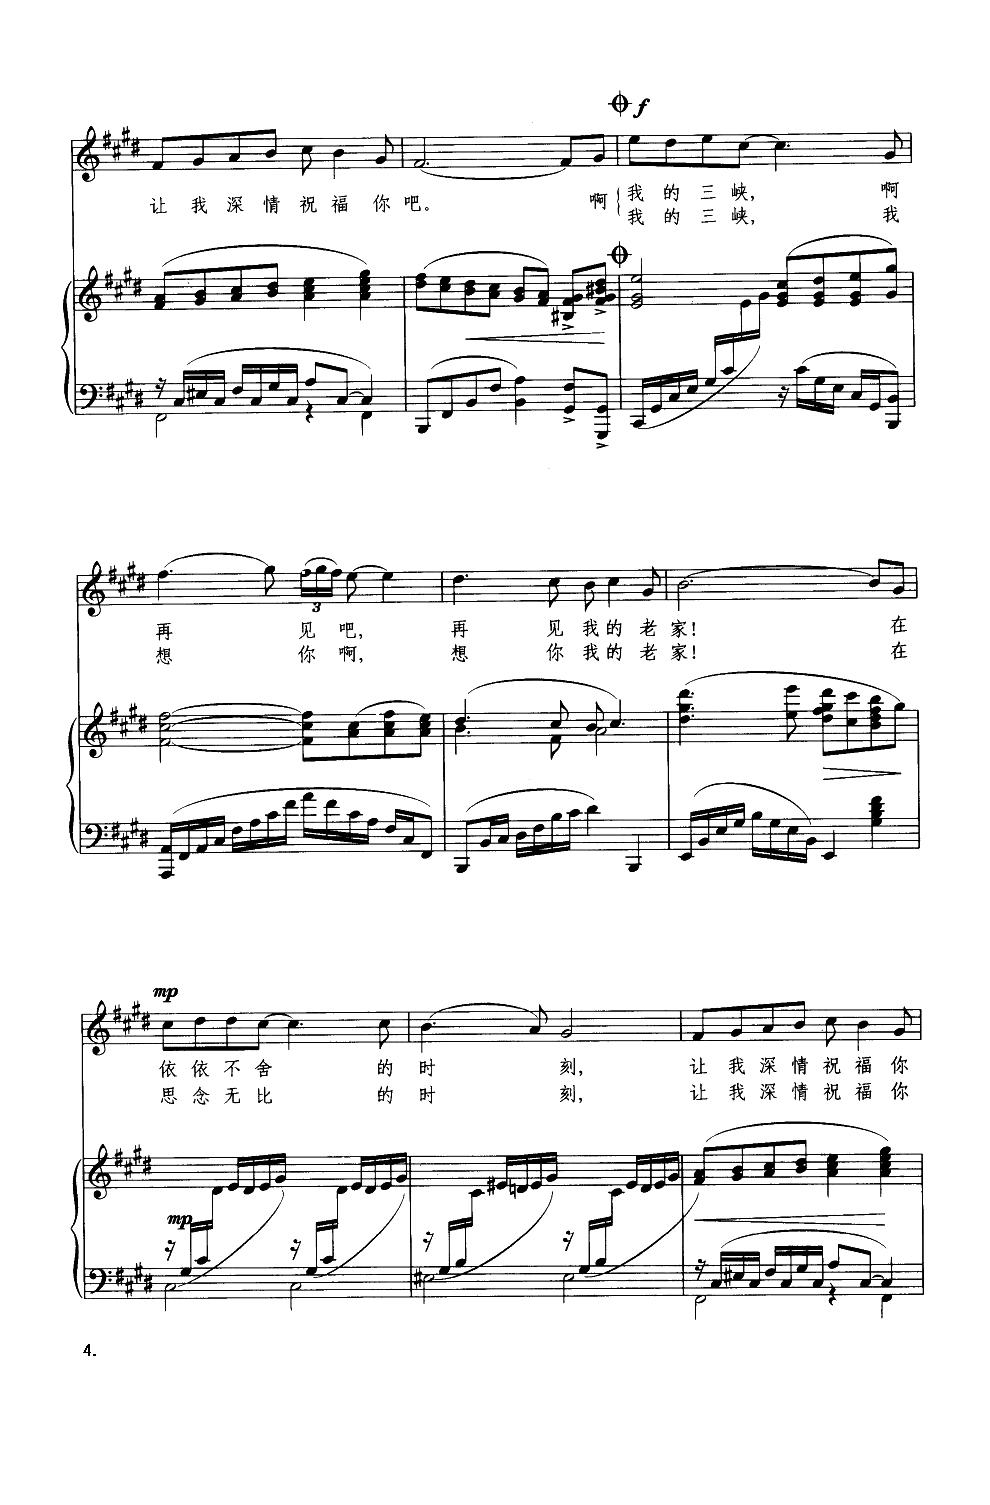 祝福三峡(钢琴伴奏谱)